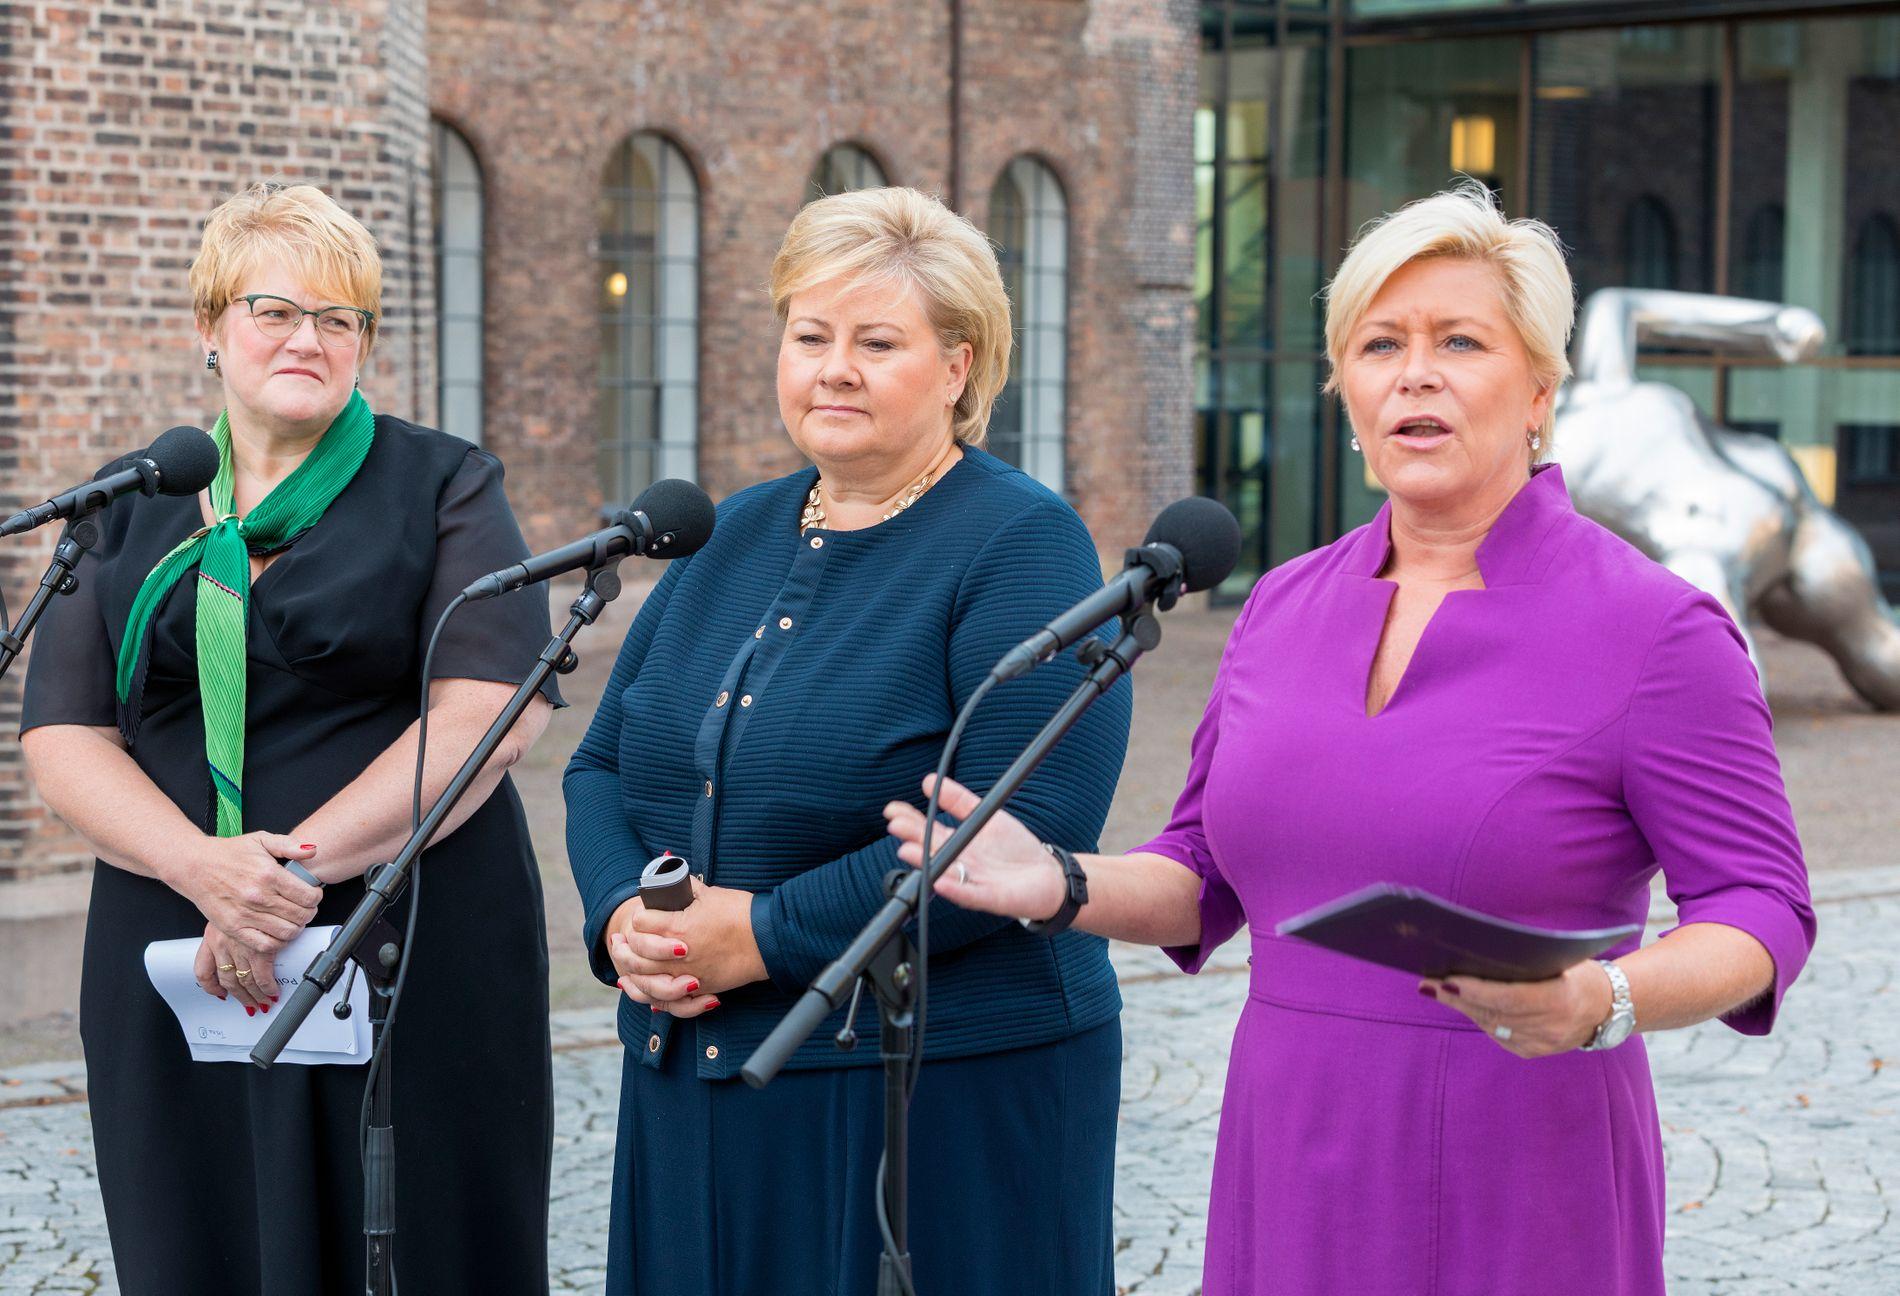 FORHANDLINGER: Partilederne Trine Skei Grande (V), Erna Solberg (H) og Siv Jensen (Frp) møtte pressen før de gikk inn i den siste runden med budsjettforhandlinger.